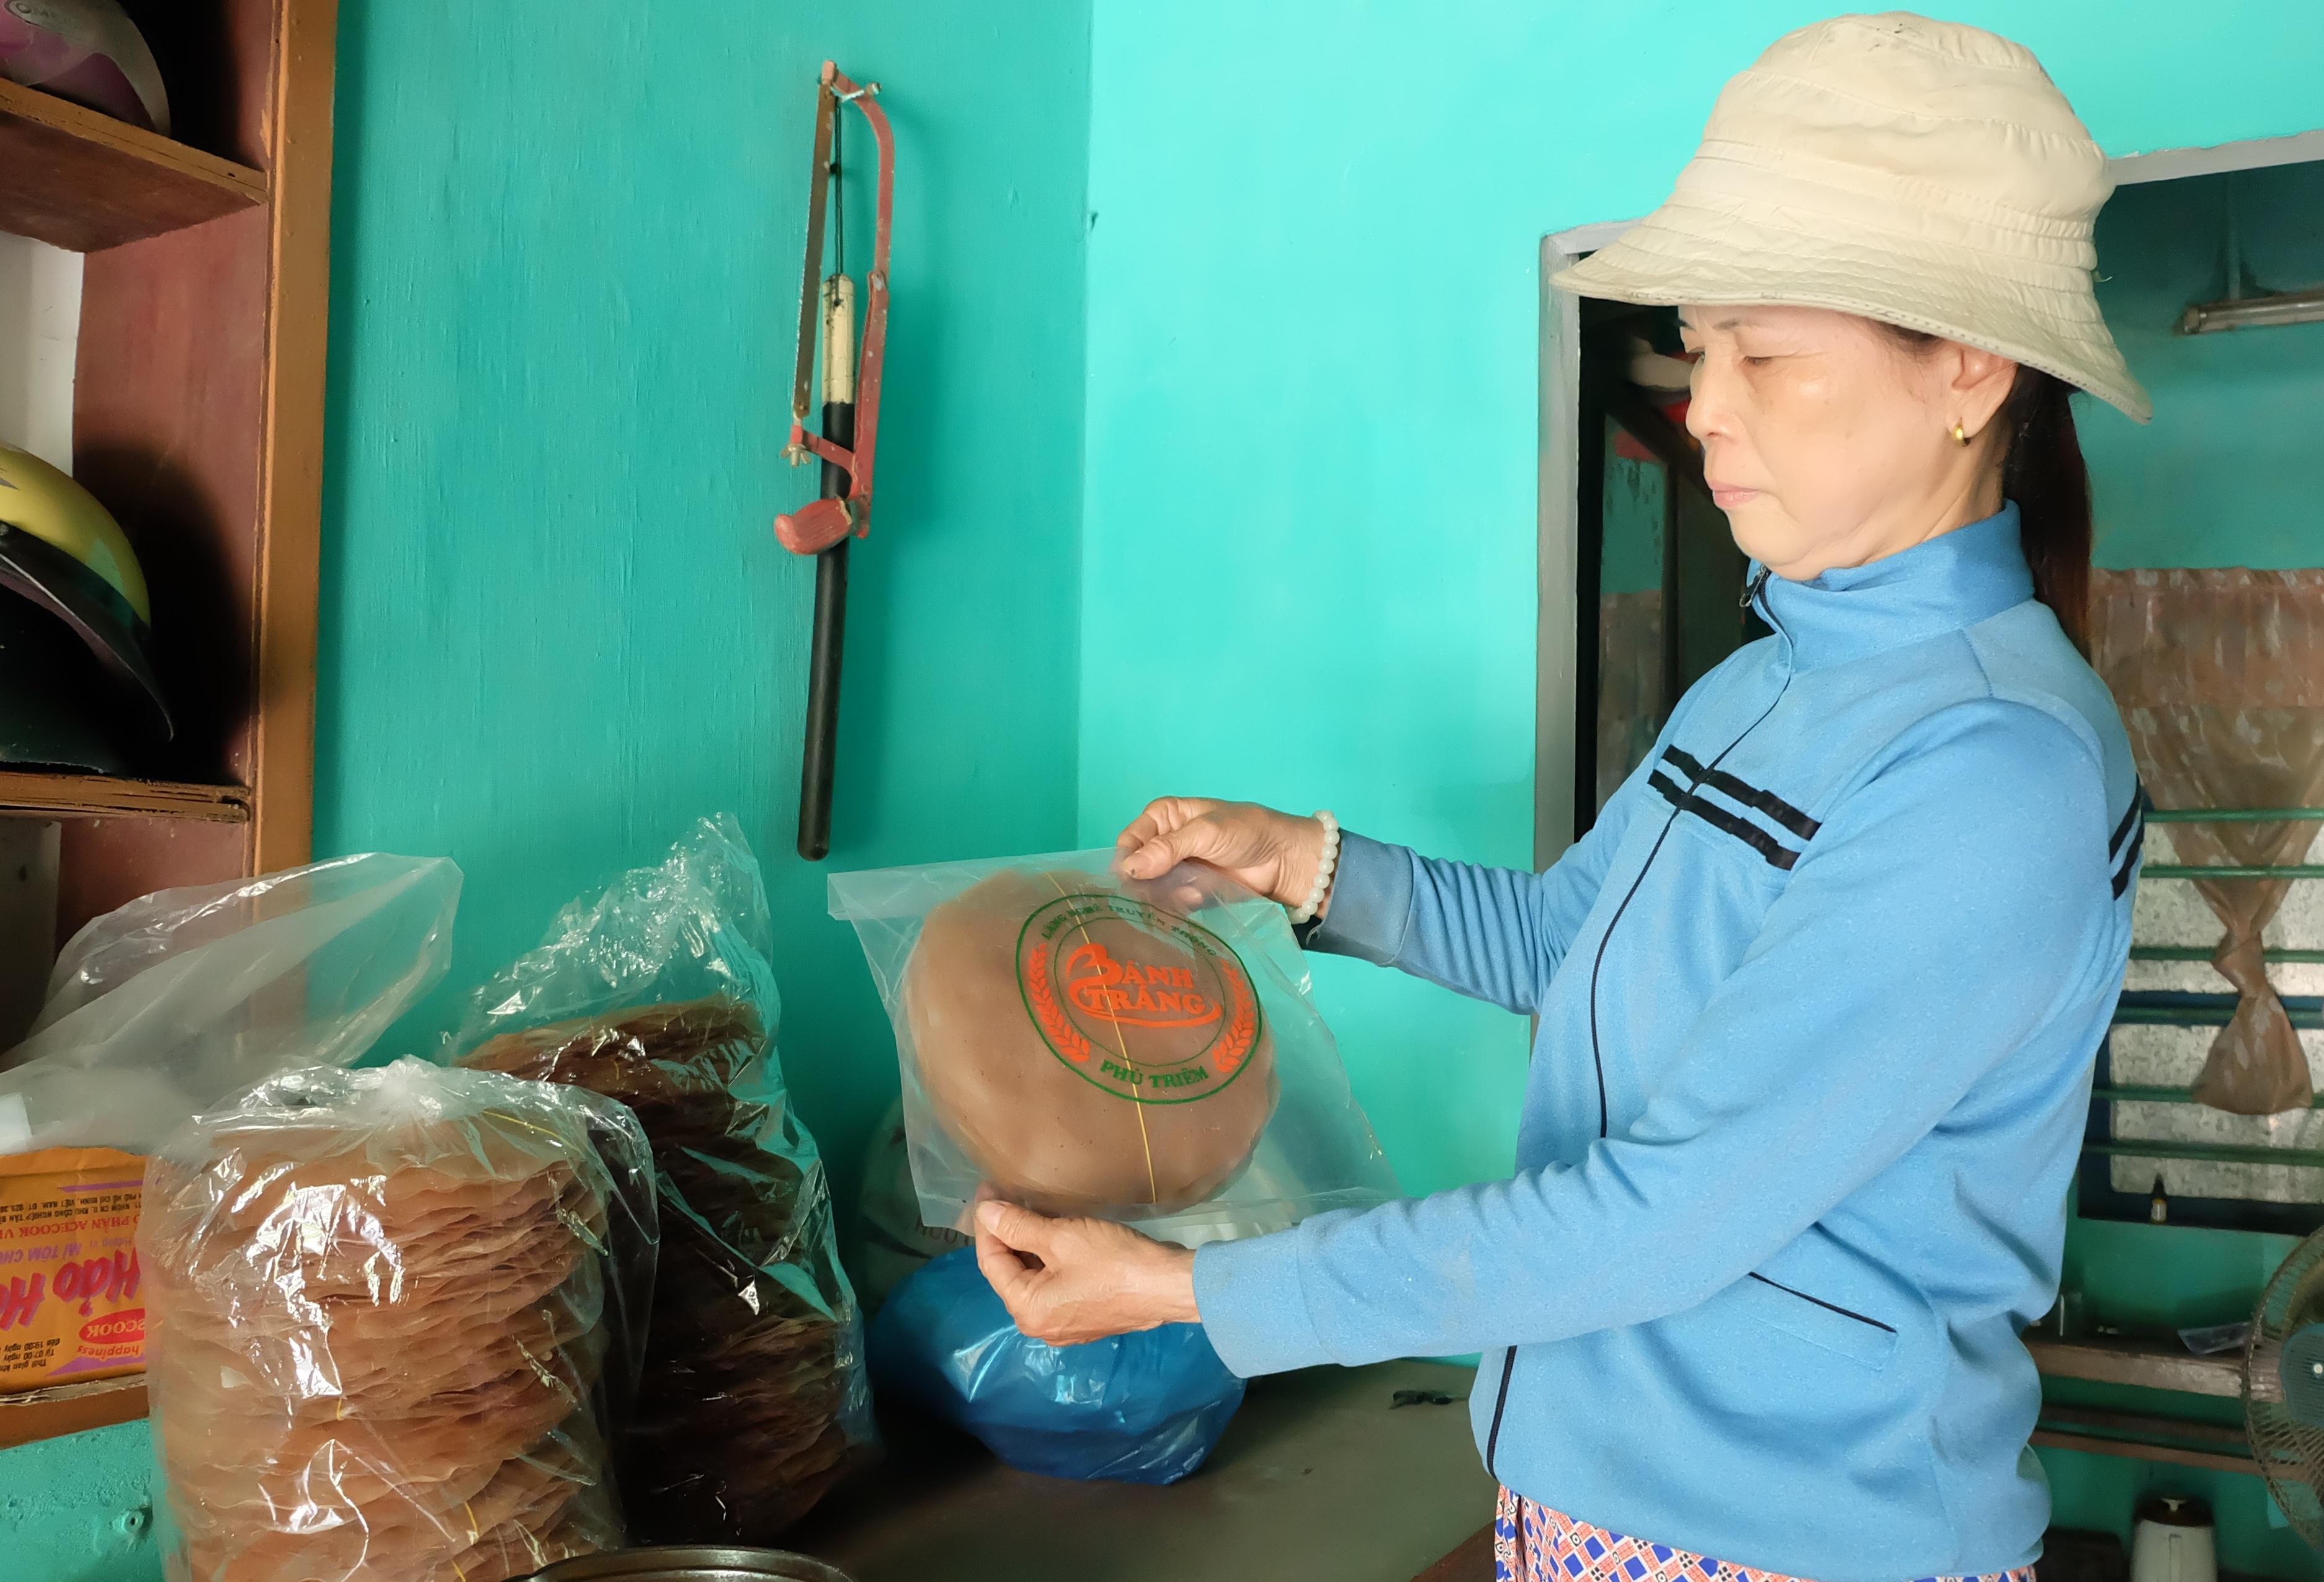 Với bao bì, nhãn hiệu cụ thể, bánh tráng Phú Triêm ngày càng được người tiêu dùng biết đến. Ảnh: L.C